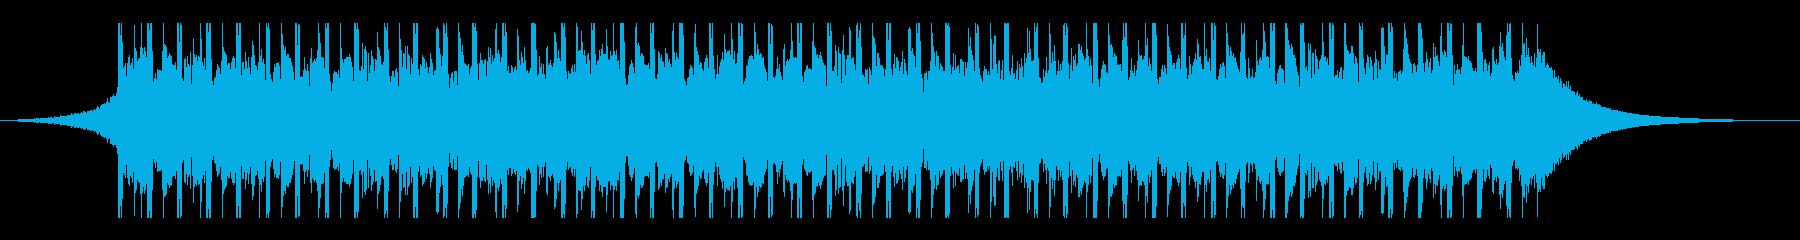 オンラインマーケティング(30秒)の再生済みの波形